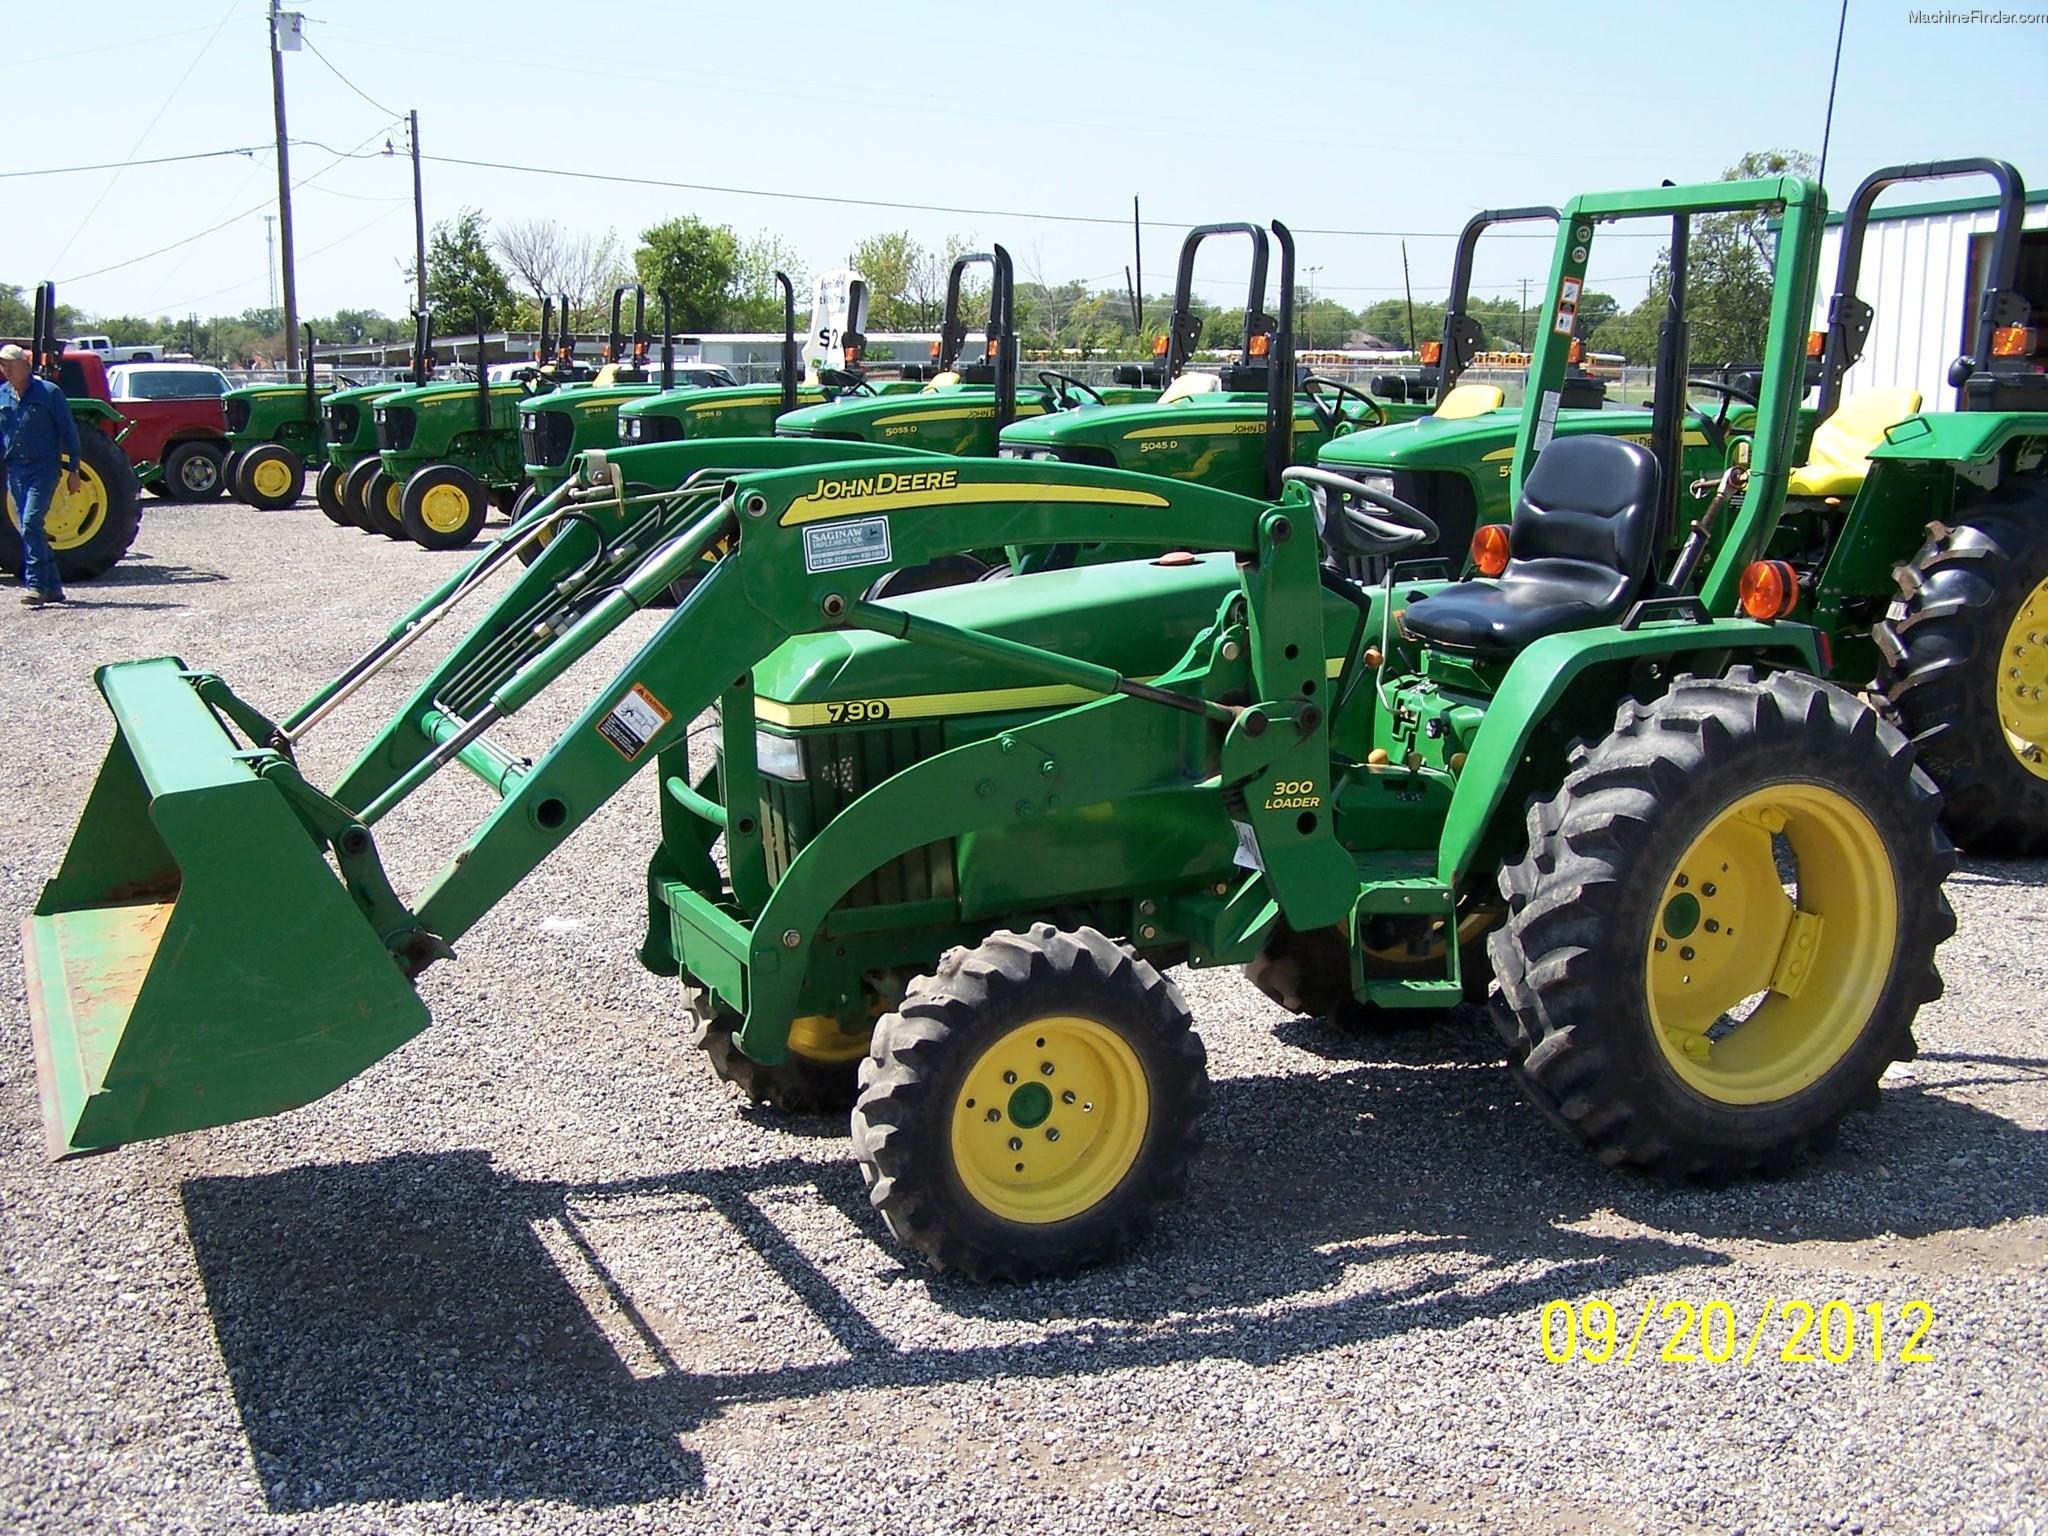 2006 John Deere 790 Tractors - Compact (1-40hp.) - John Deere ...